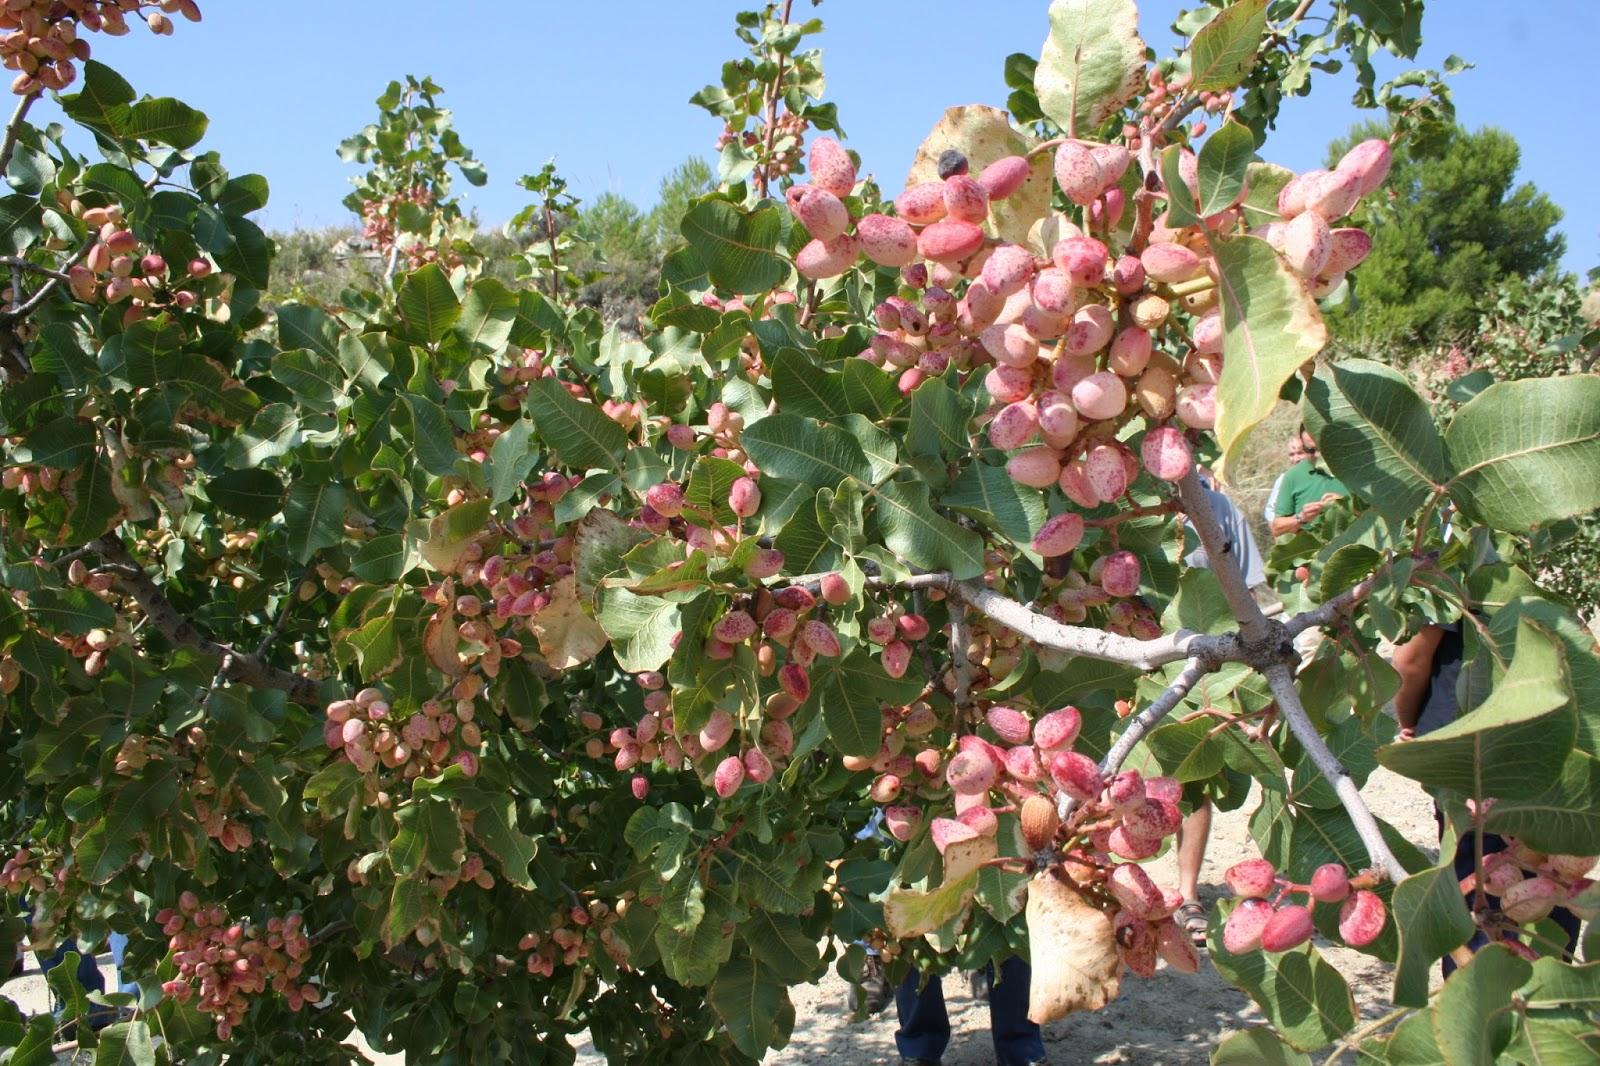 Ceheg n actualidad los pistachos se pueden cultivar en for Riego por goteo pistachos